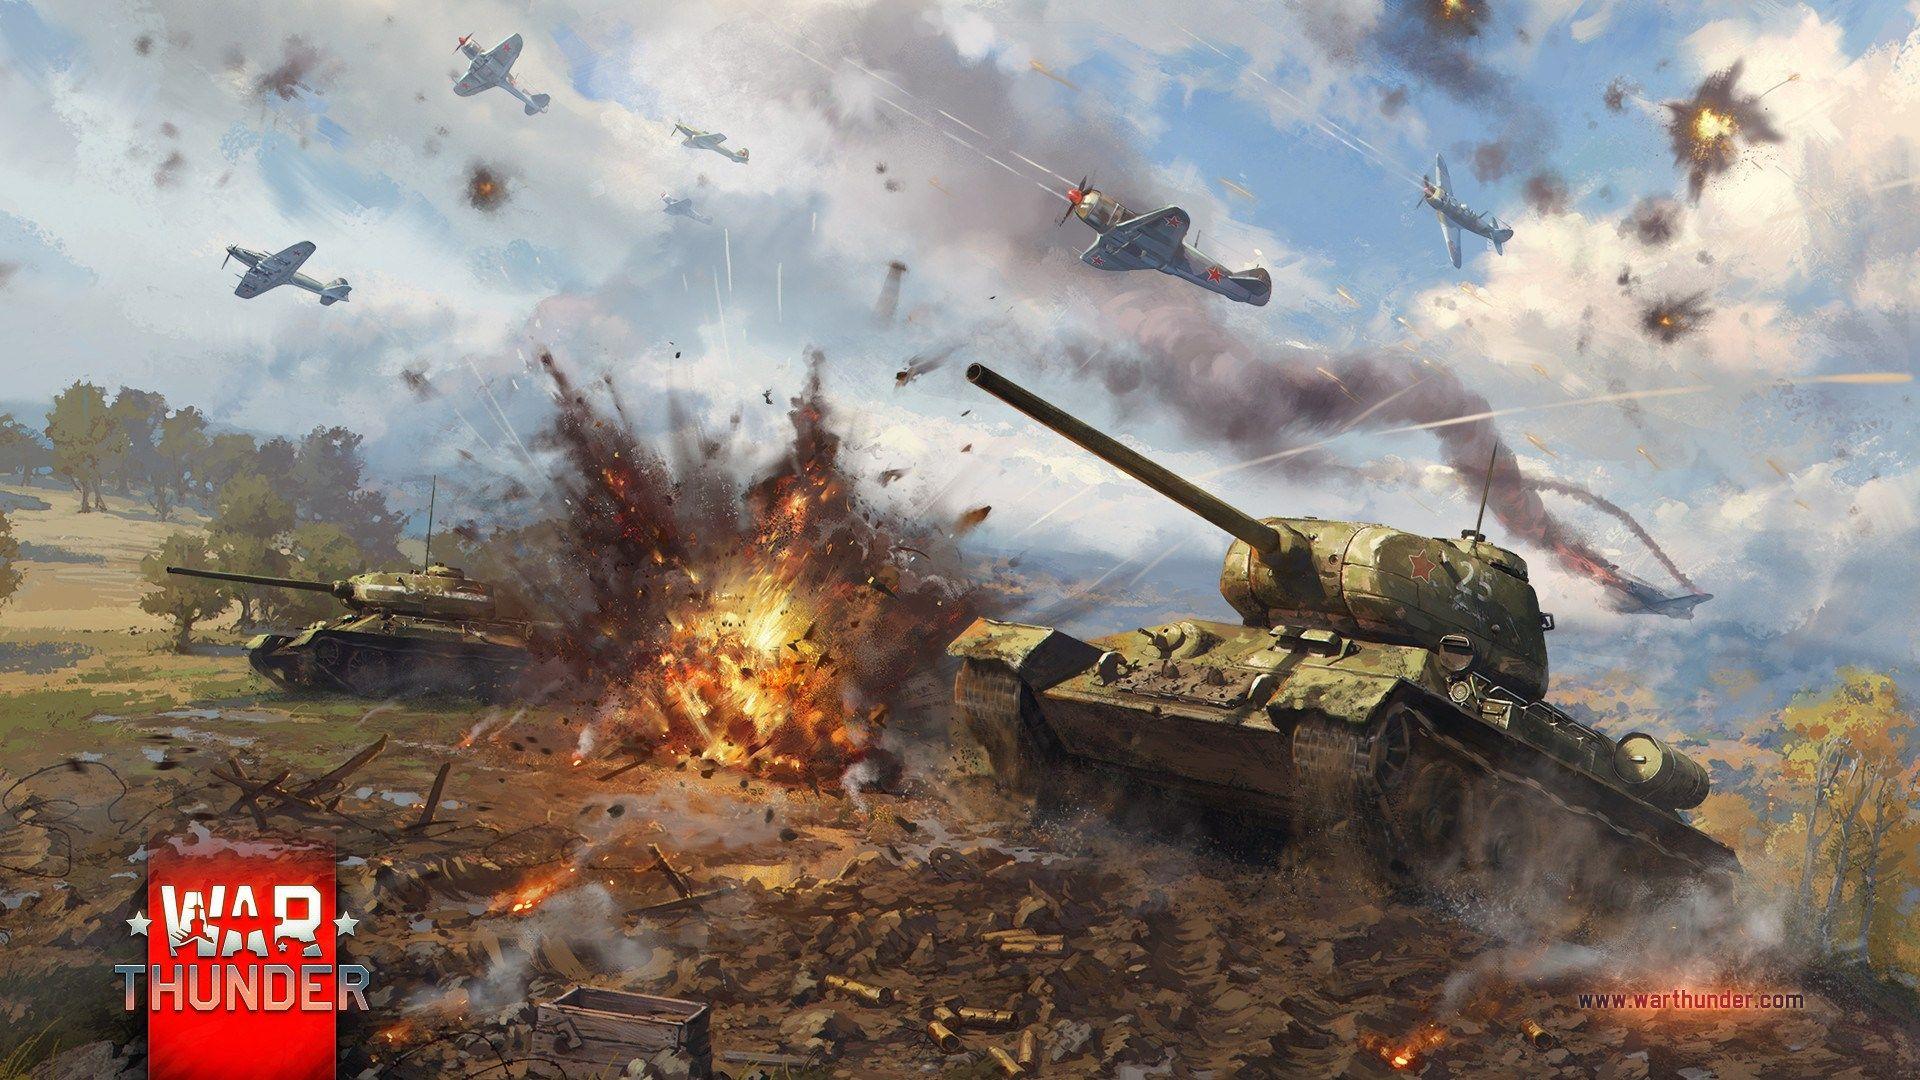 картинки вар тандер на рабочий стол танки